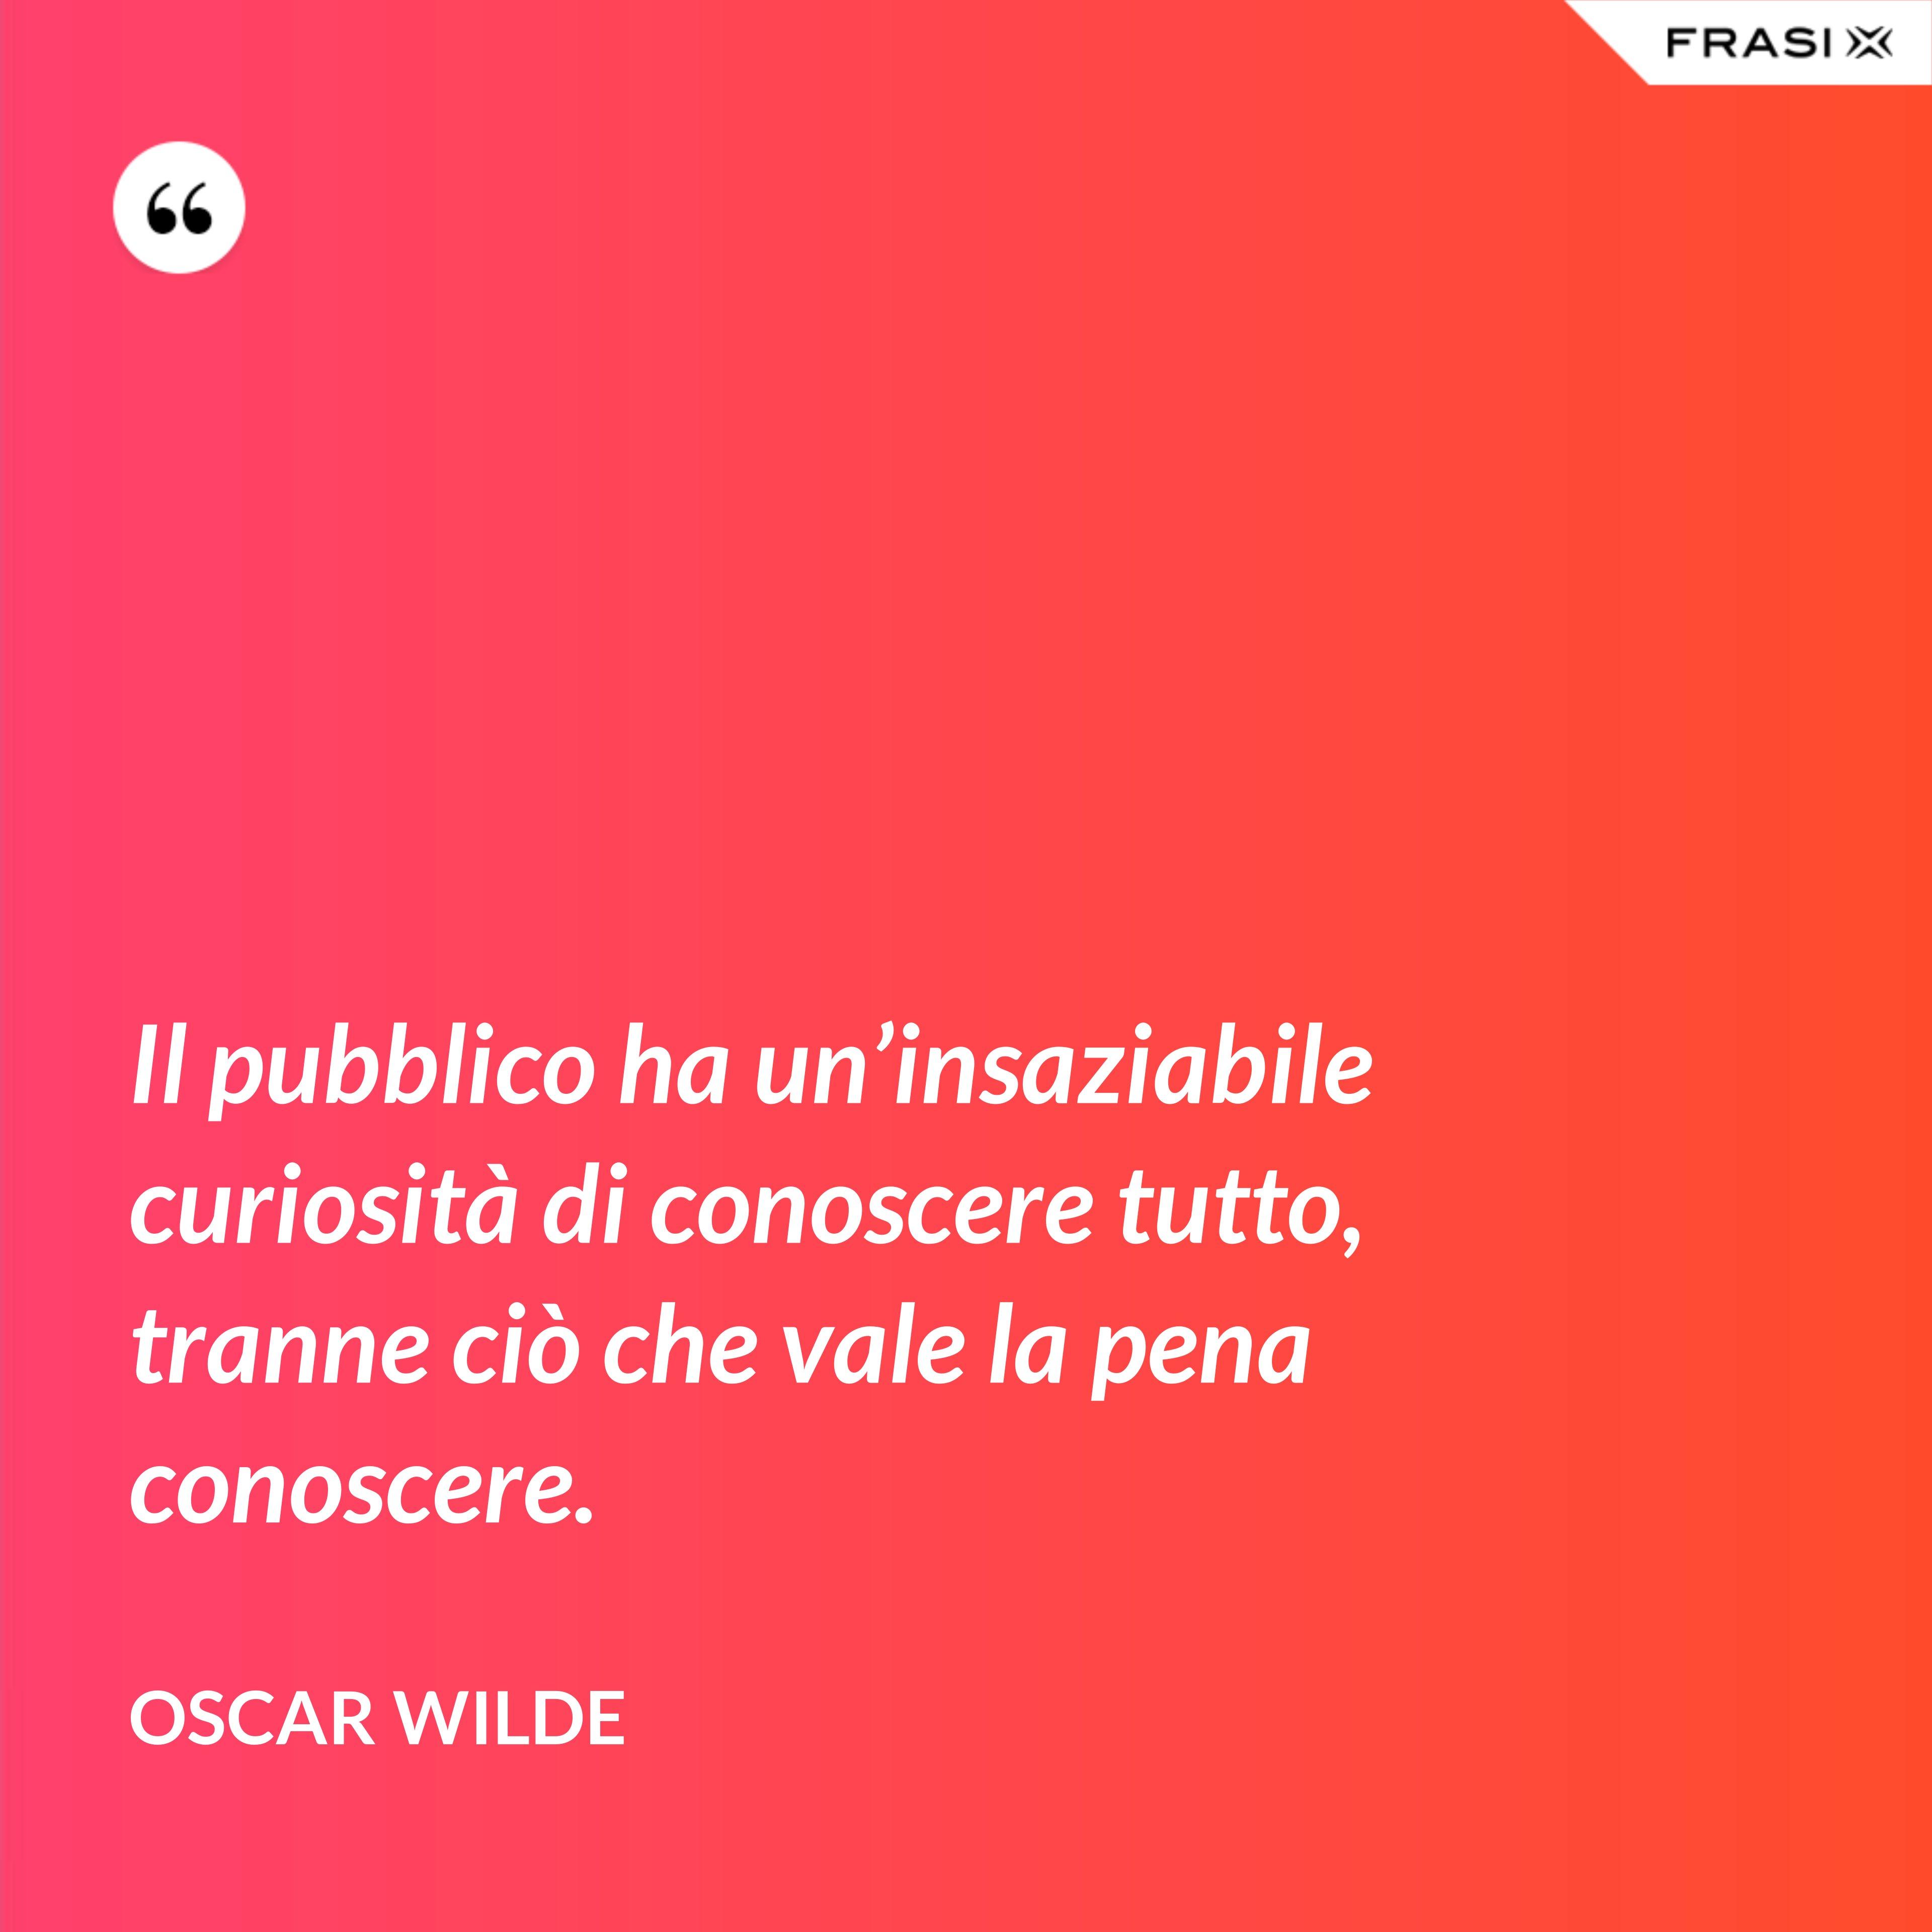 Il pubblico ha un'insaziabile curiosità di conoscere tutto, tranne ciò che vale la pena conoscere. - Oscar Wilde